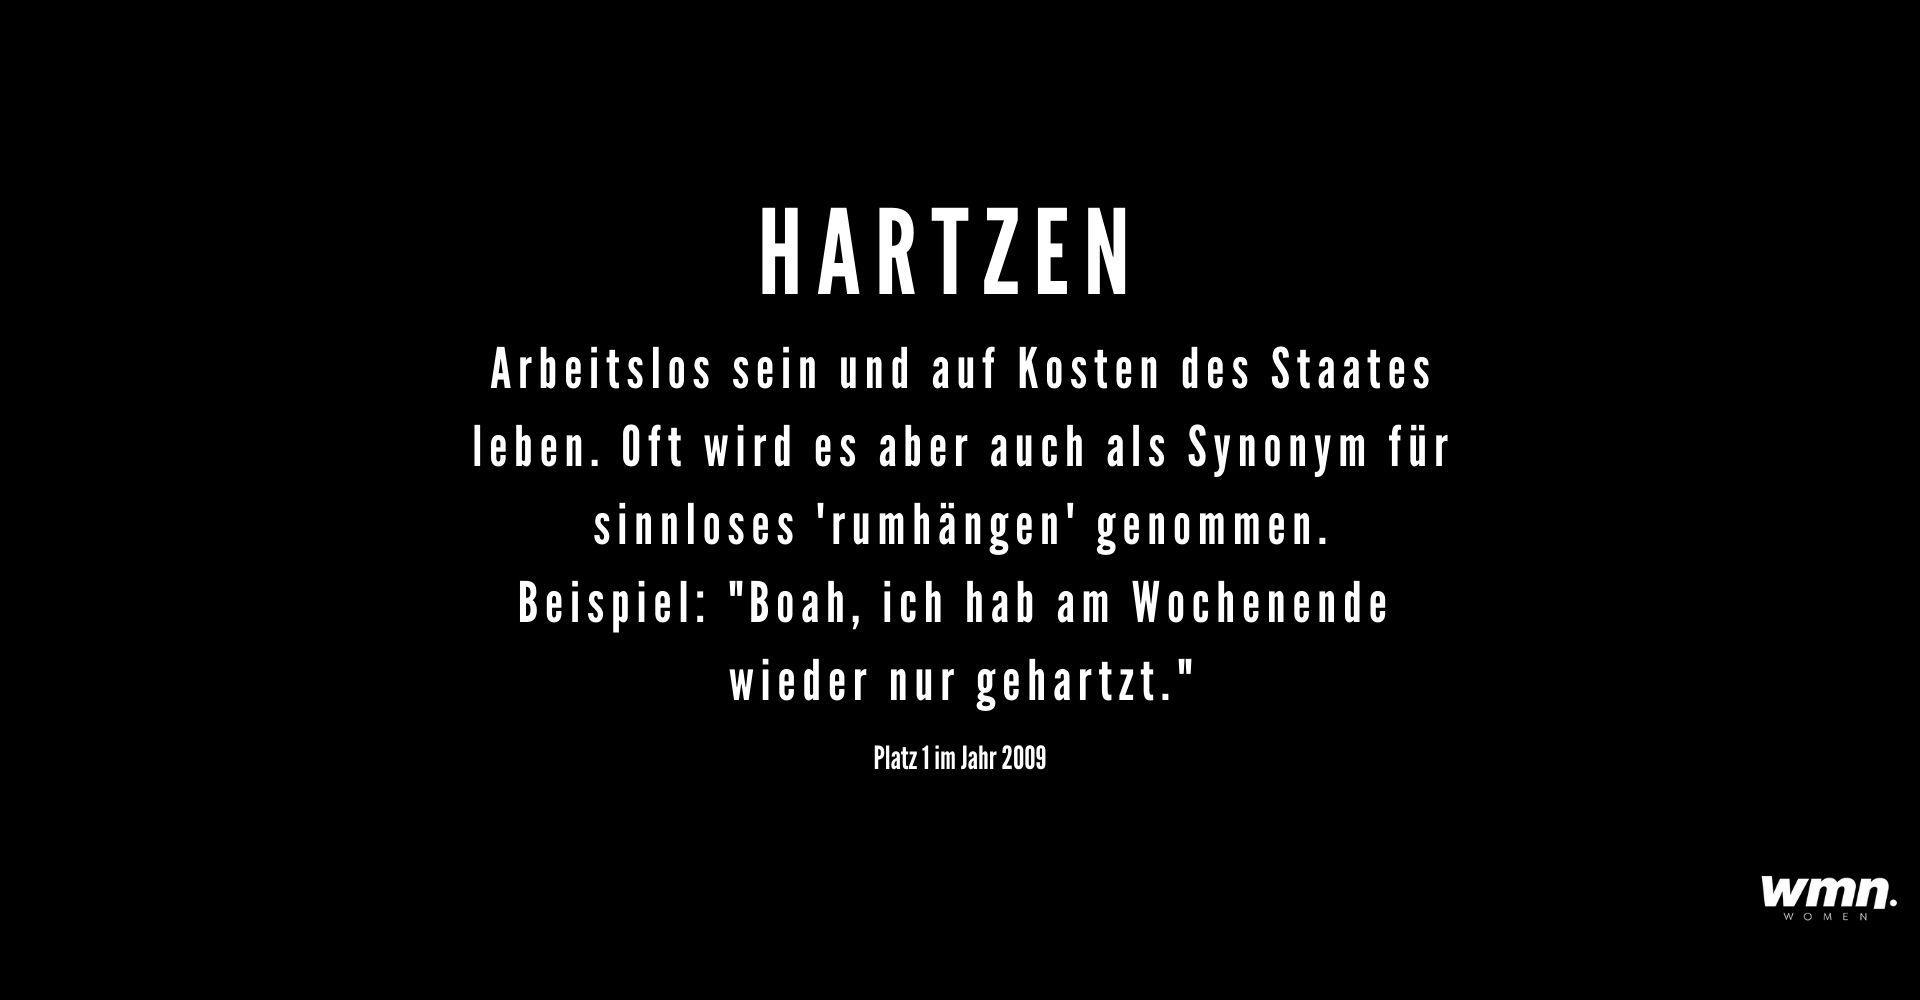 Hartzen